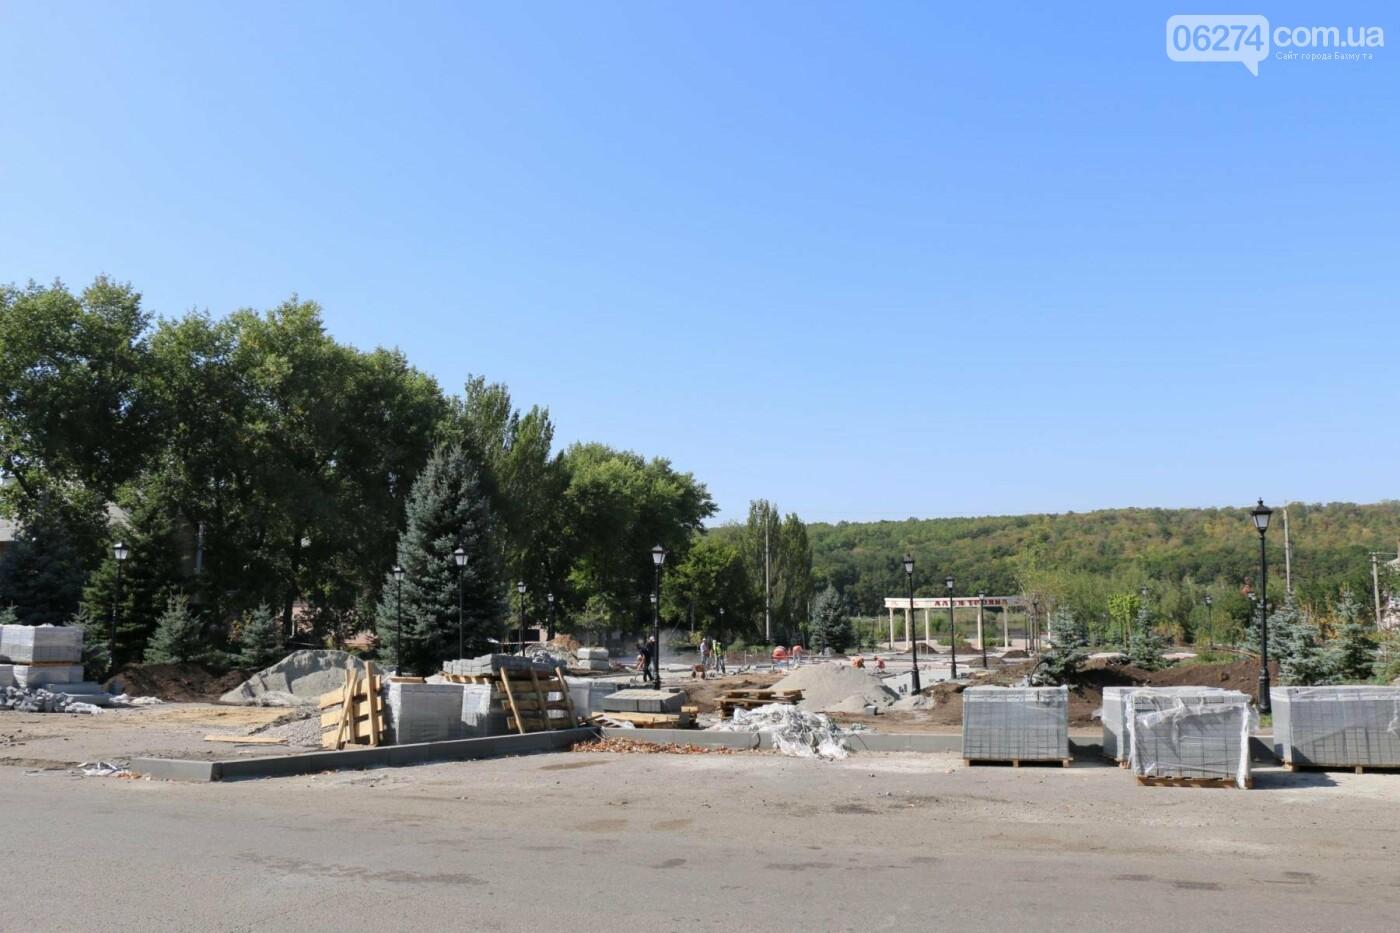 В Бахмуте продолжается реконструкция бульвара Металлургов, фото-1